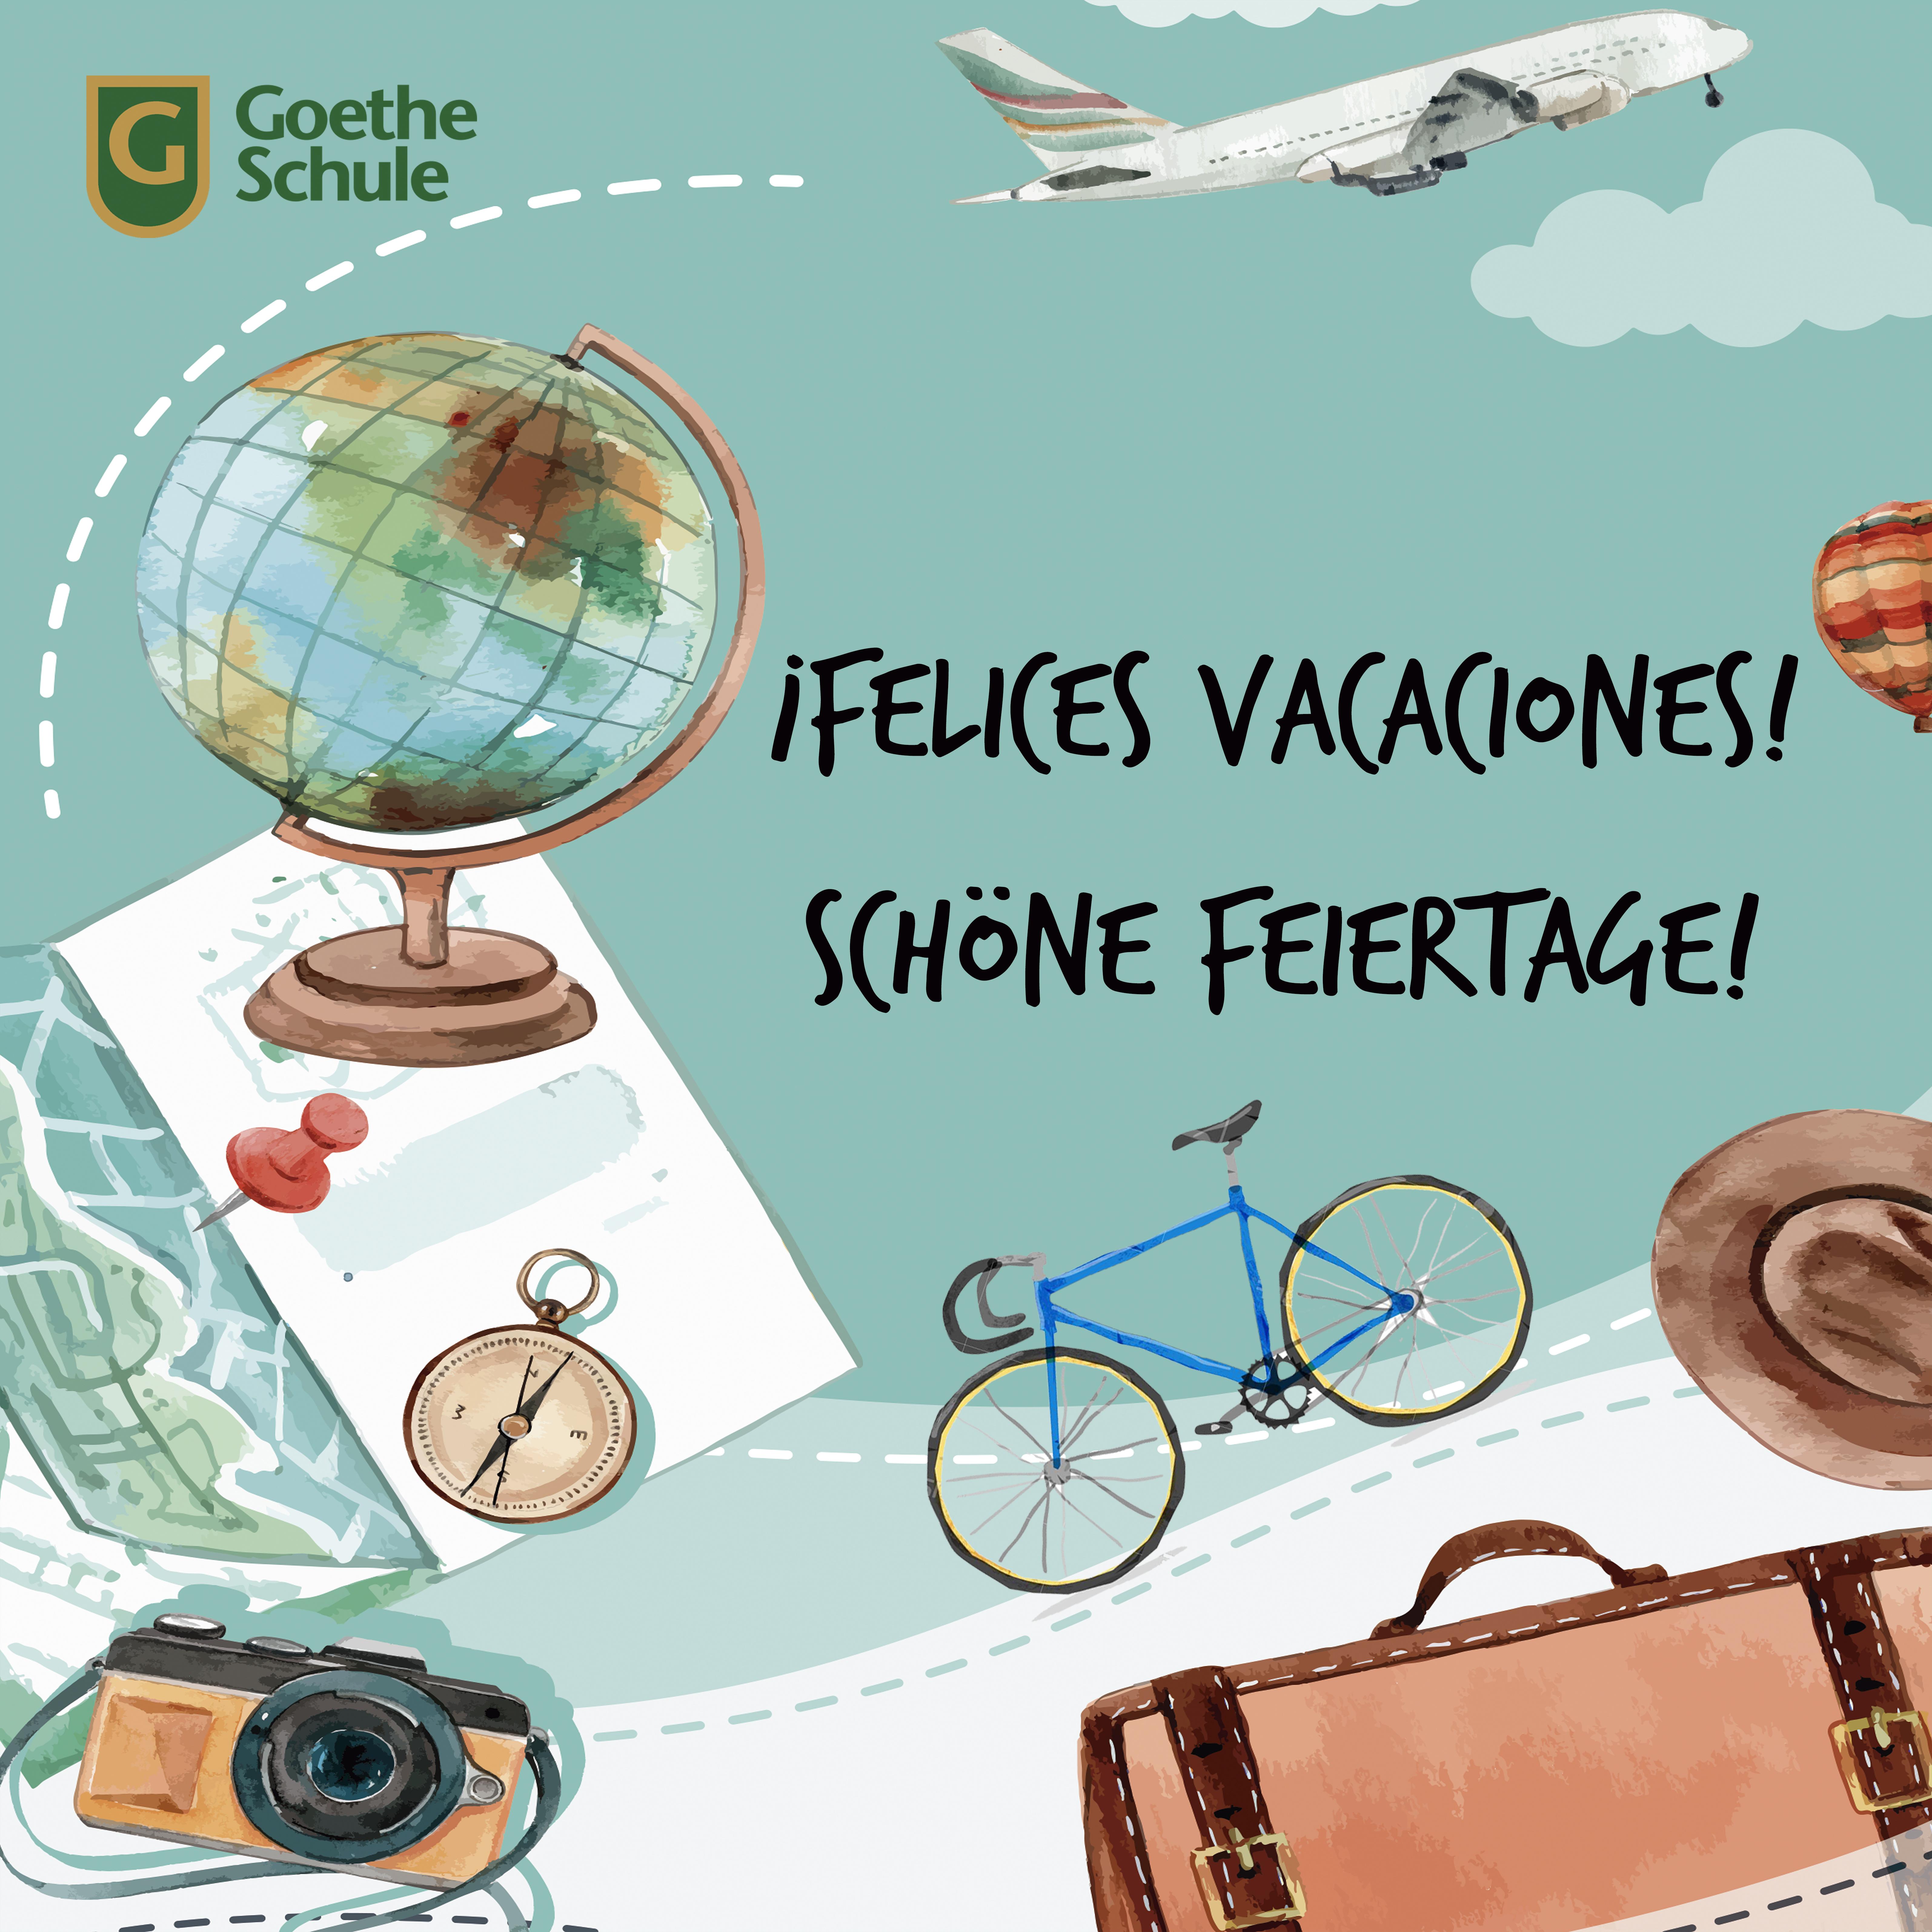 Goethe Schule Buenos Aires Asociación Escolar Goethe